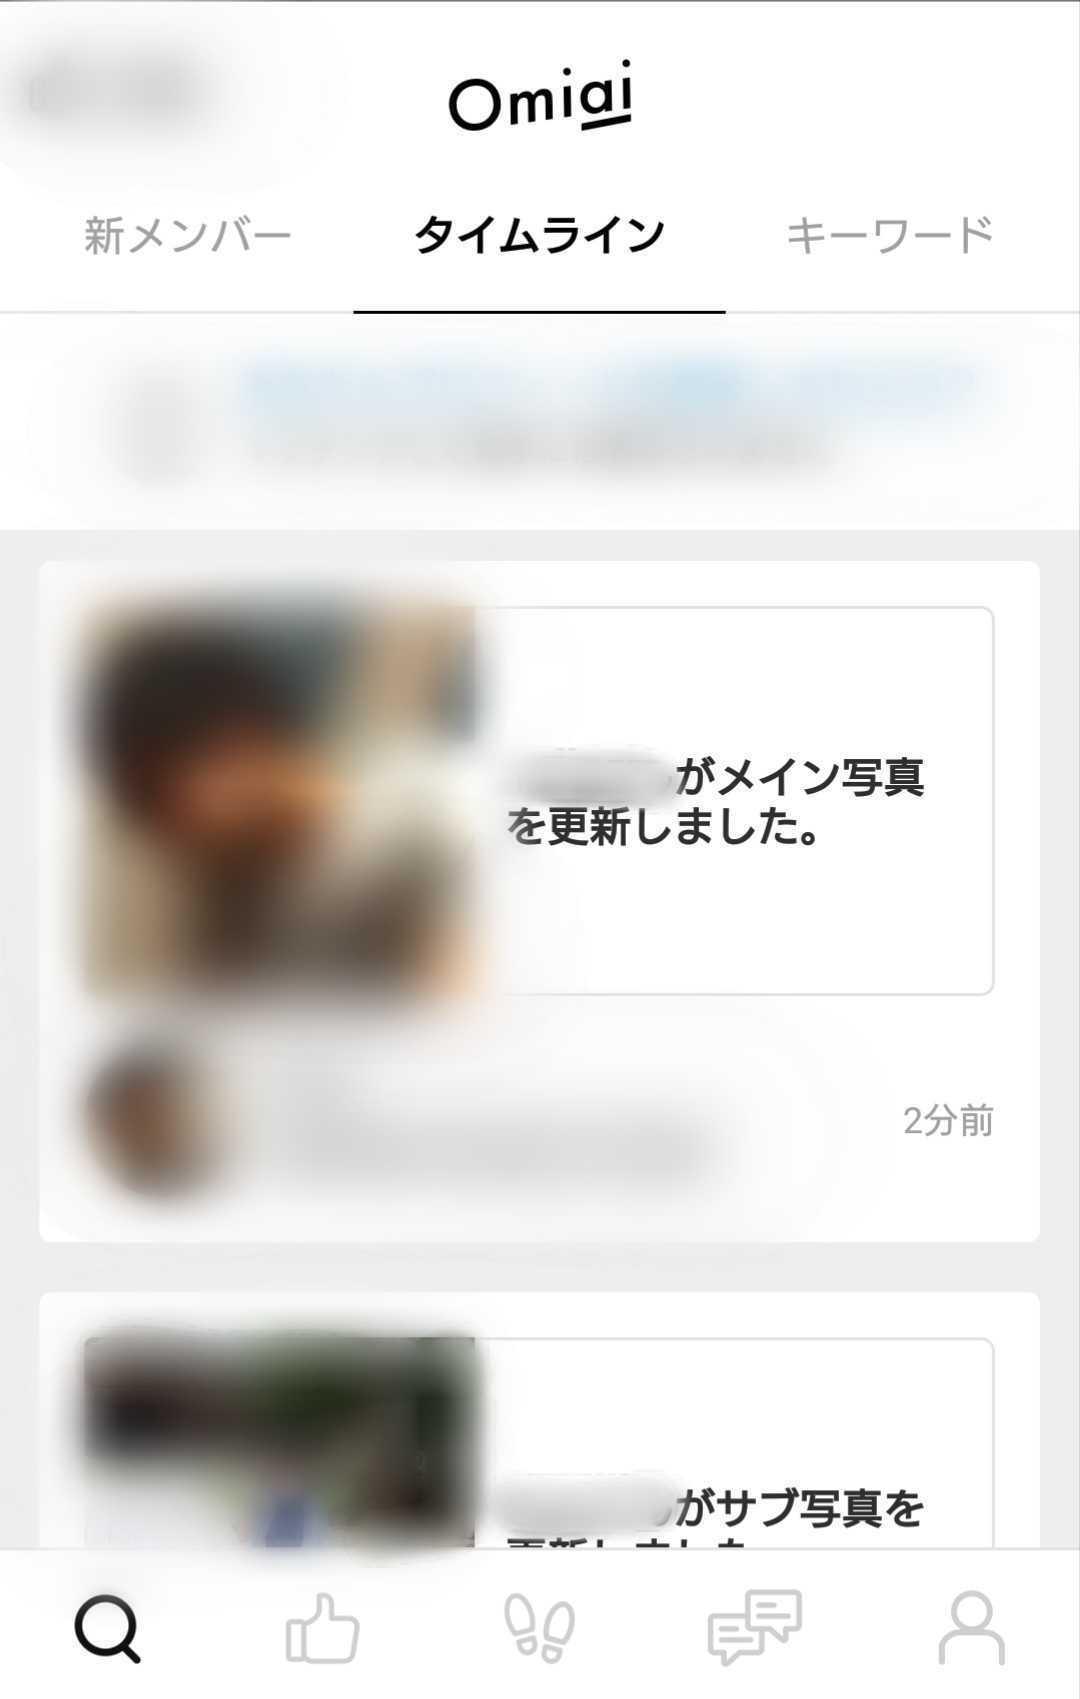 マッチングアプリ Omiai